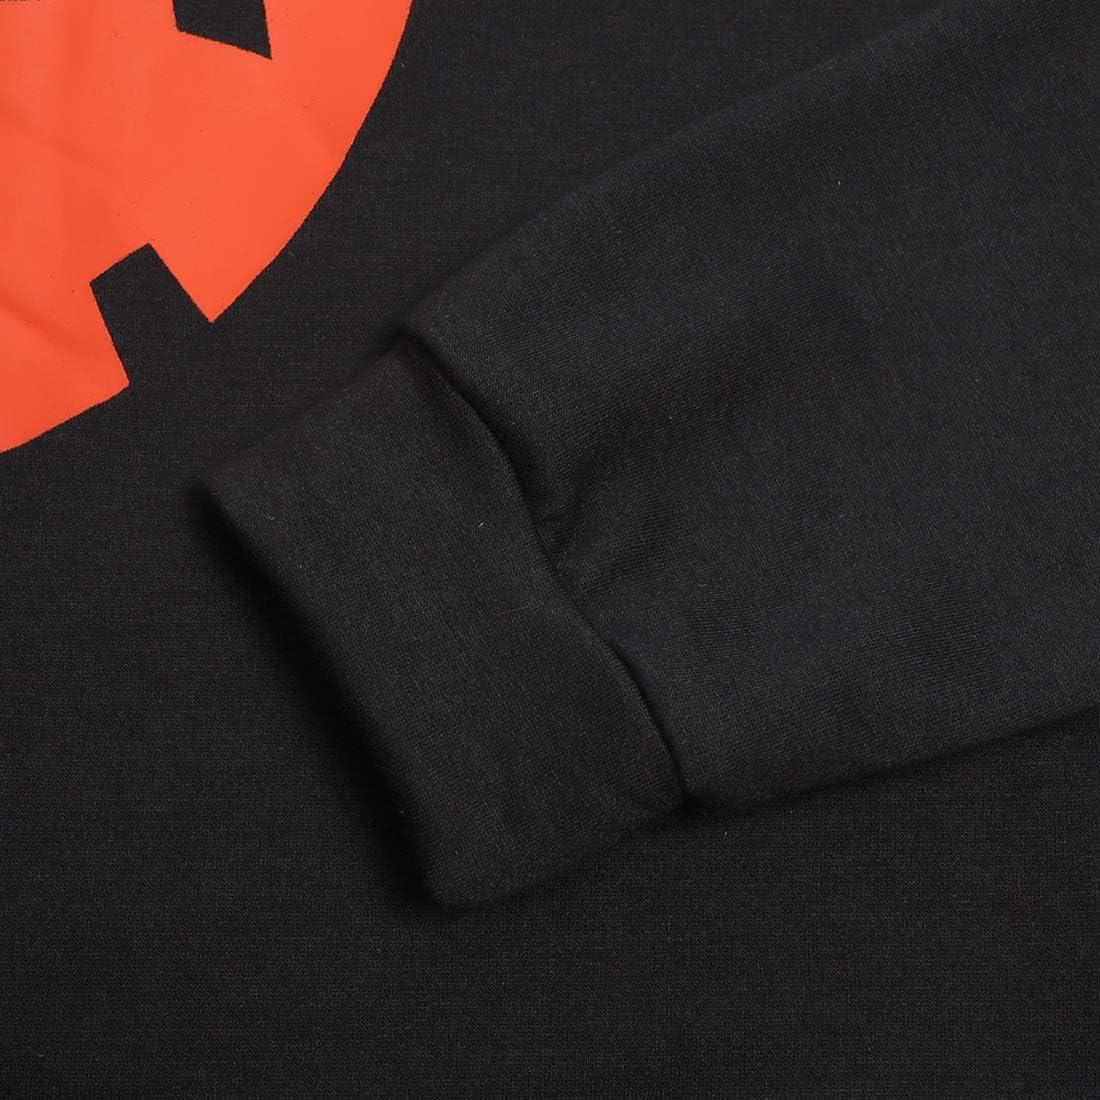 Womens Halloween Pumpkin Face Long Sleeve Sweatshirts Lightweight Casual Pullover Tops